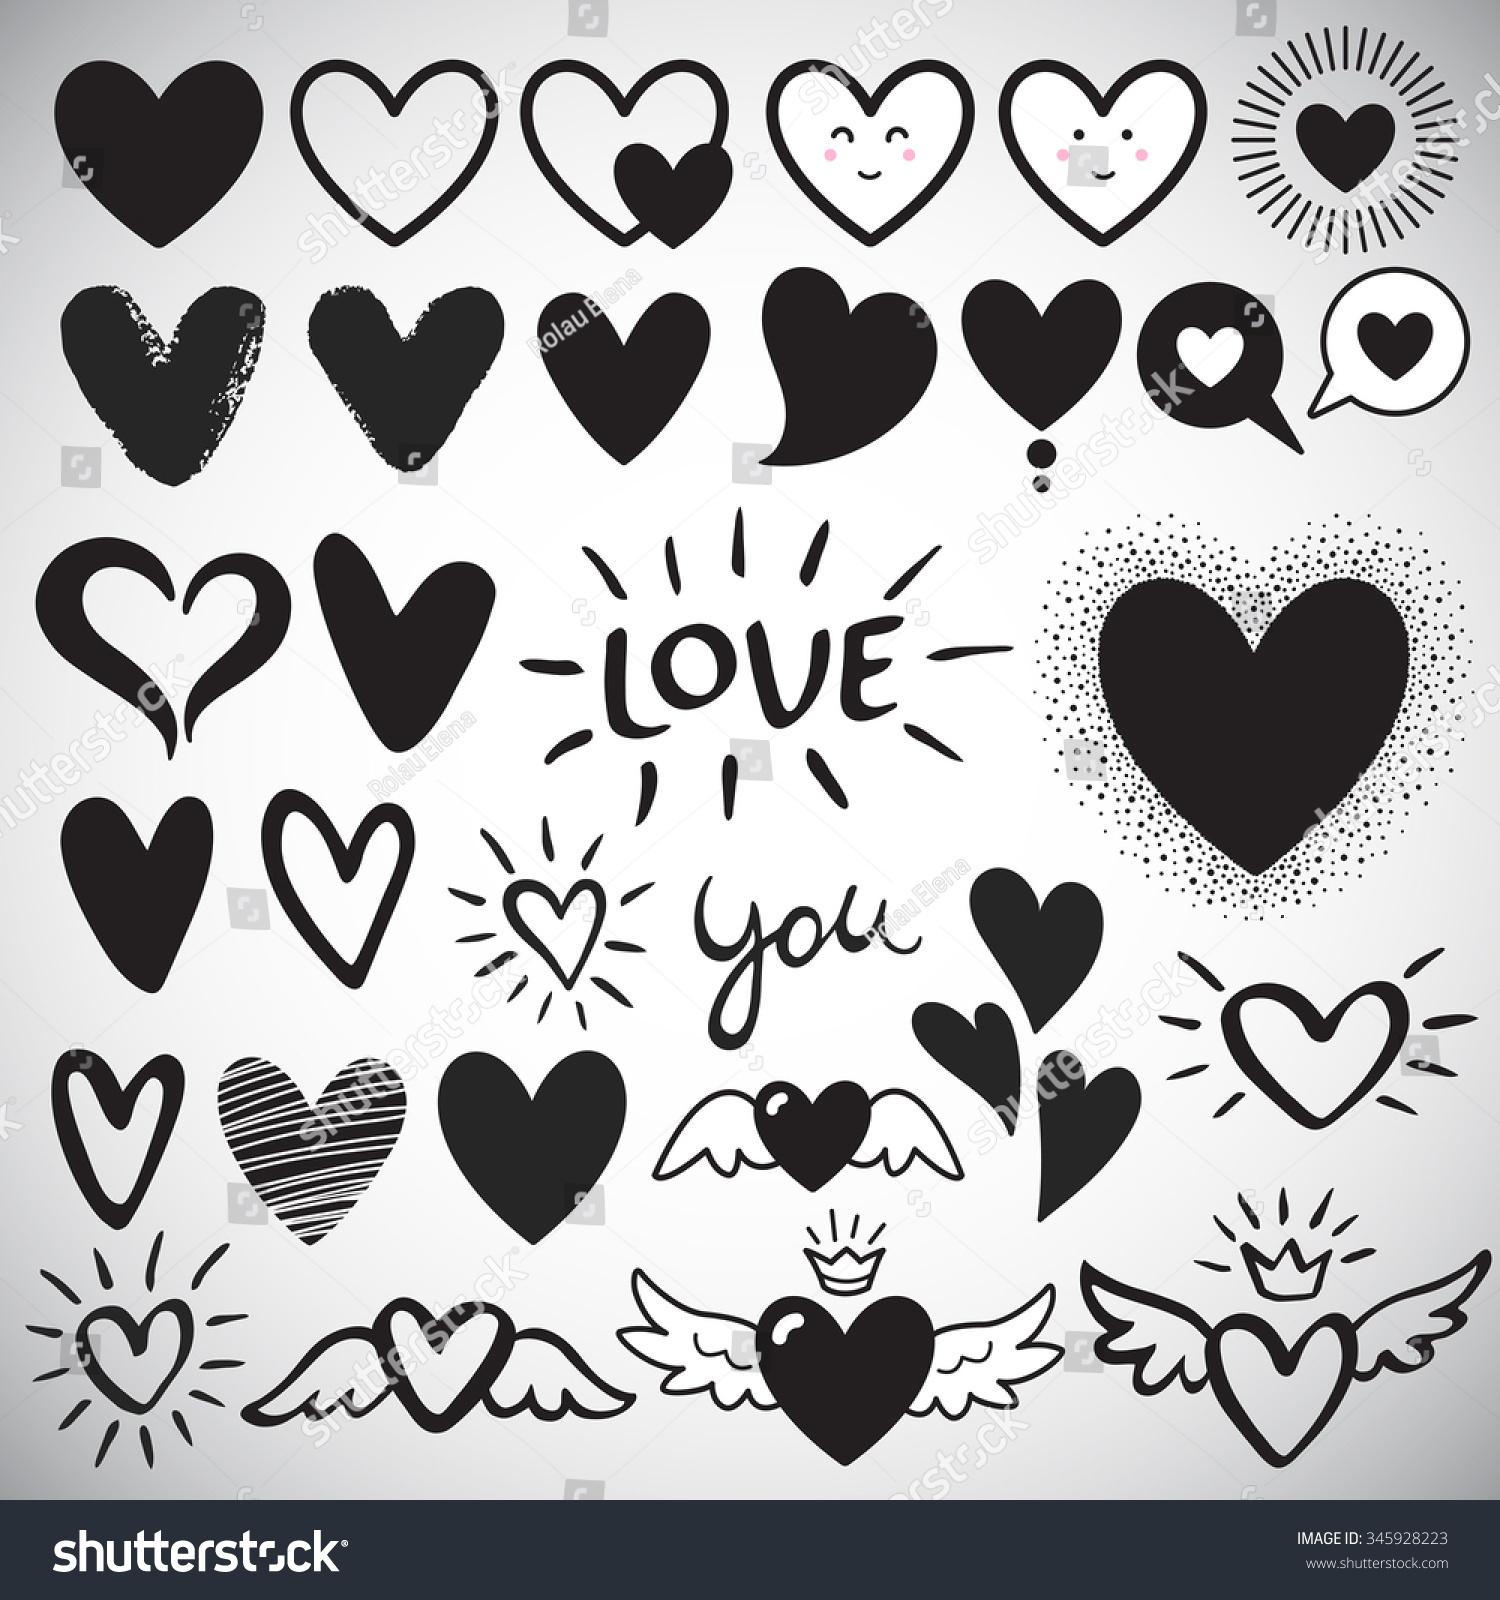 heart templates very small small medium heart shapes on